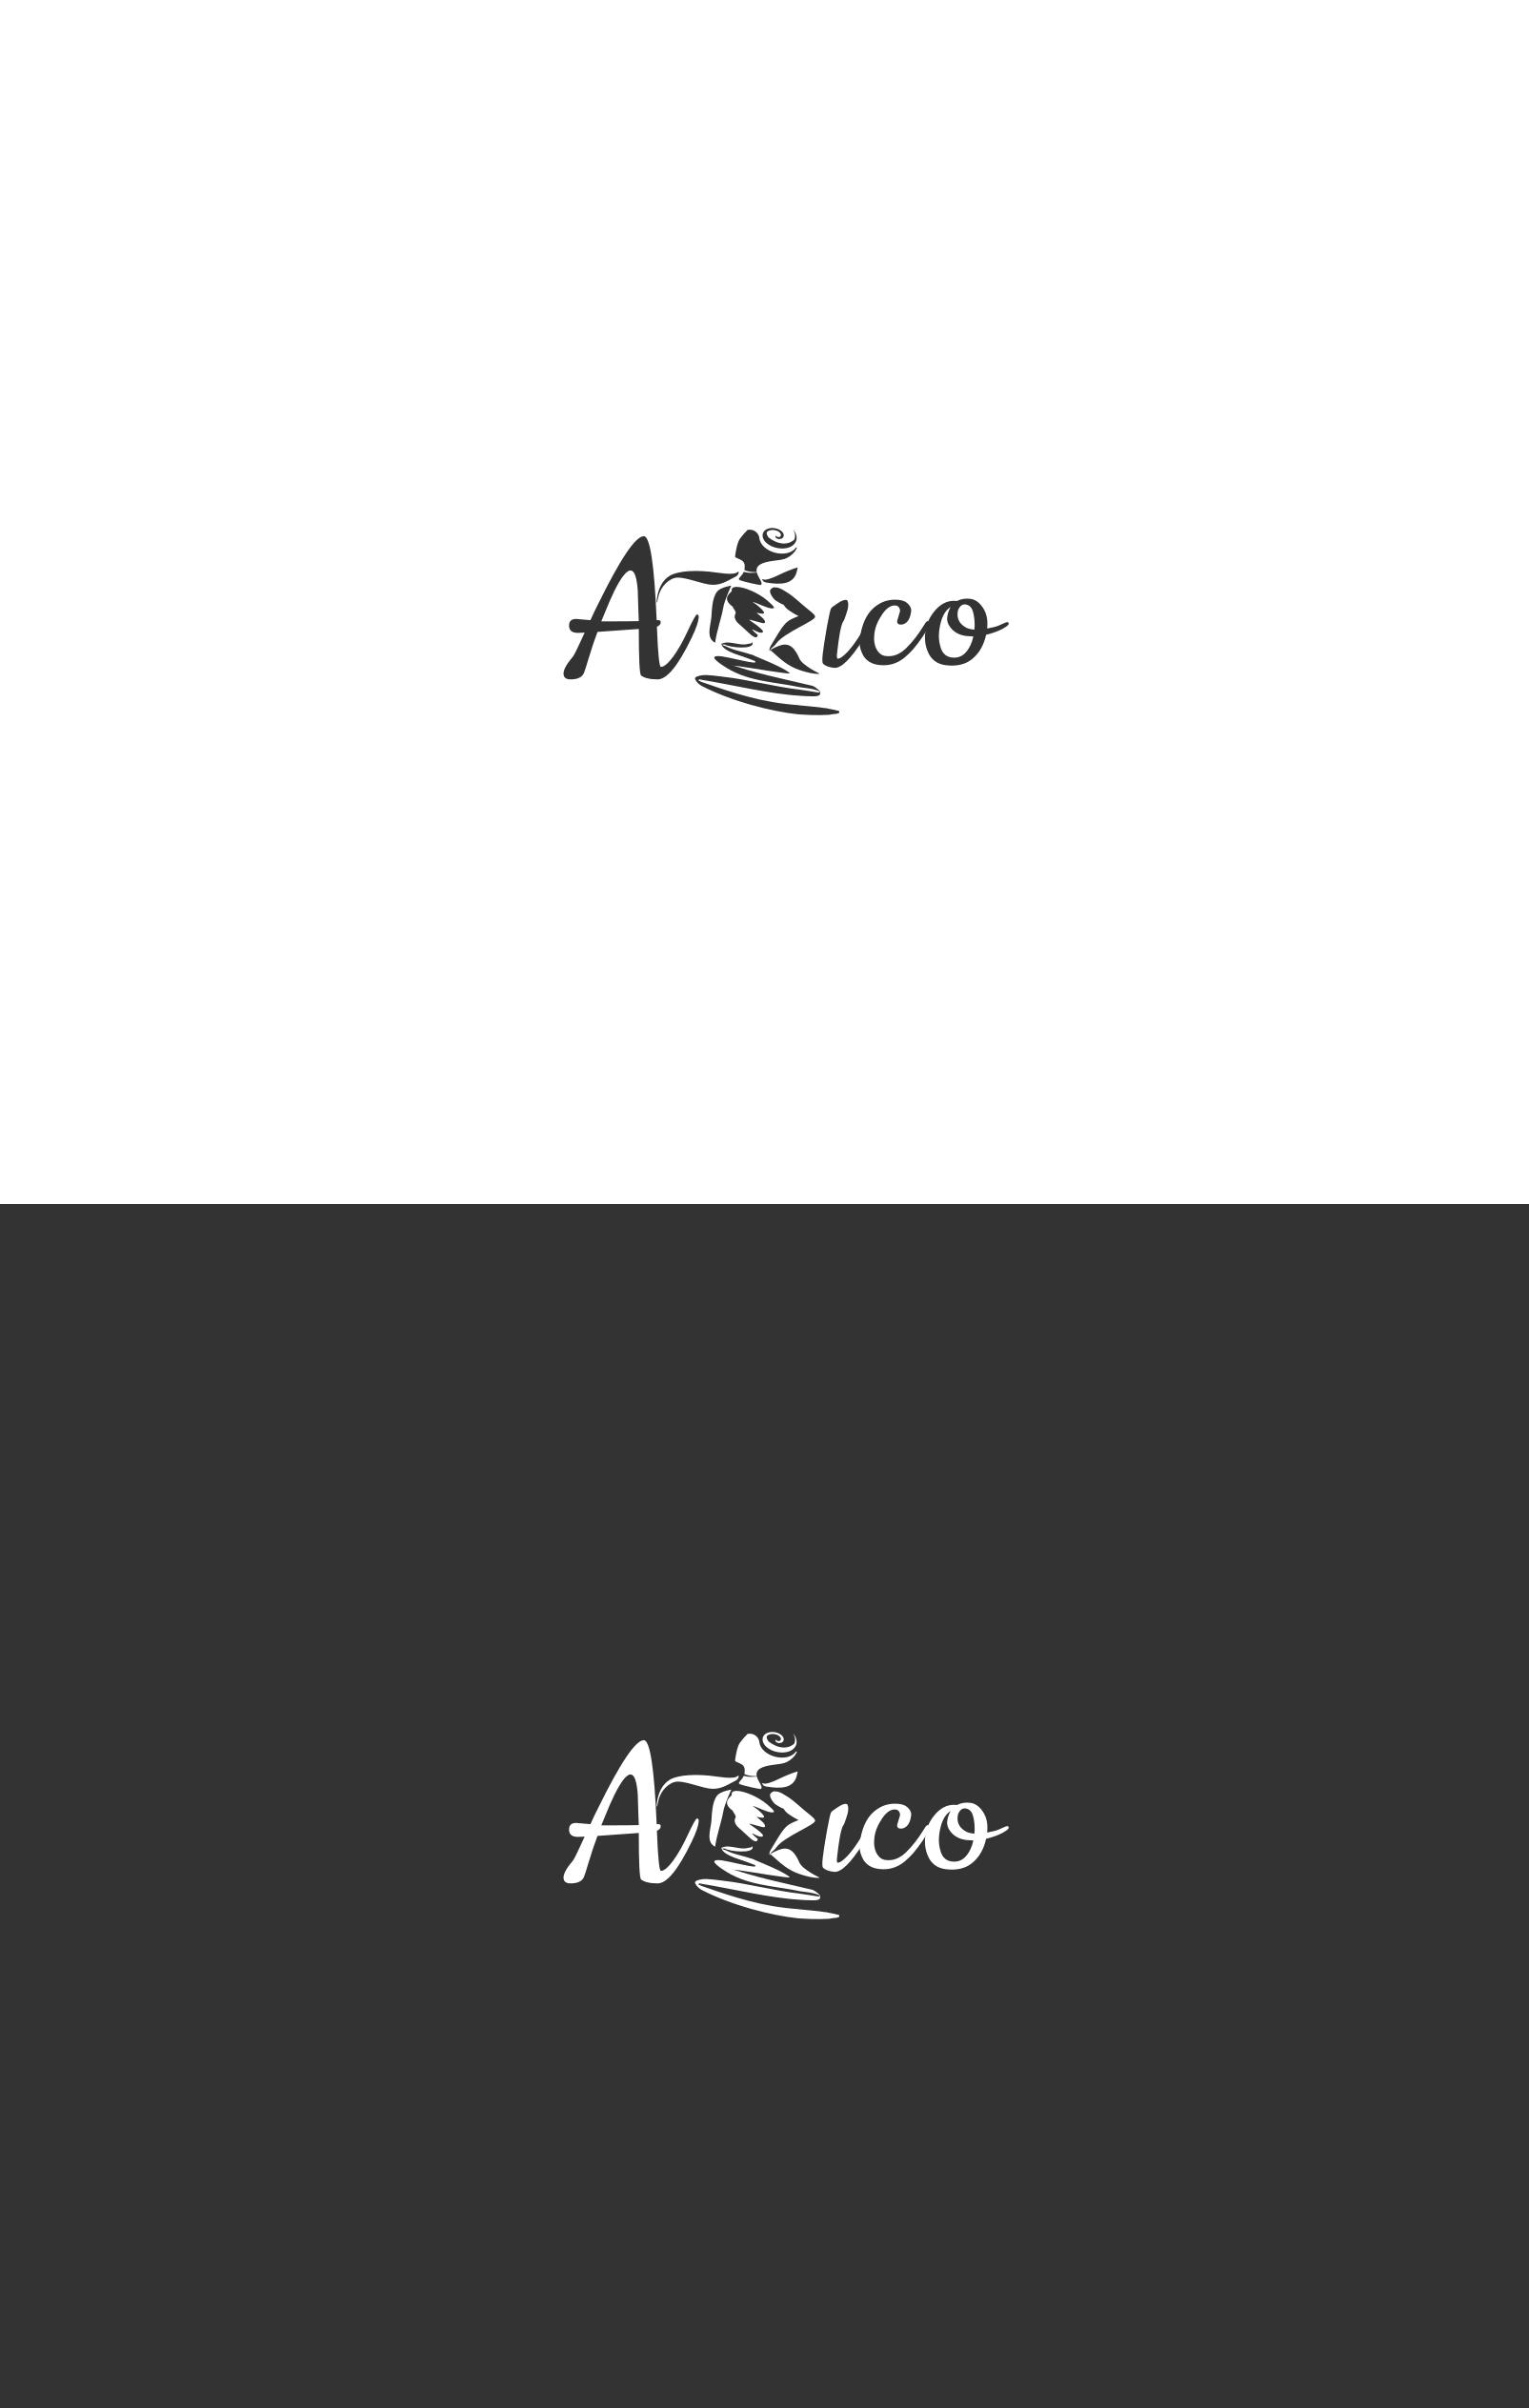 Логотип для брендовой пряжи и трикотажной одежды фото f_0156002c4e421850.jpg